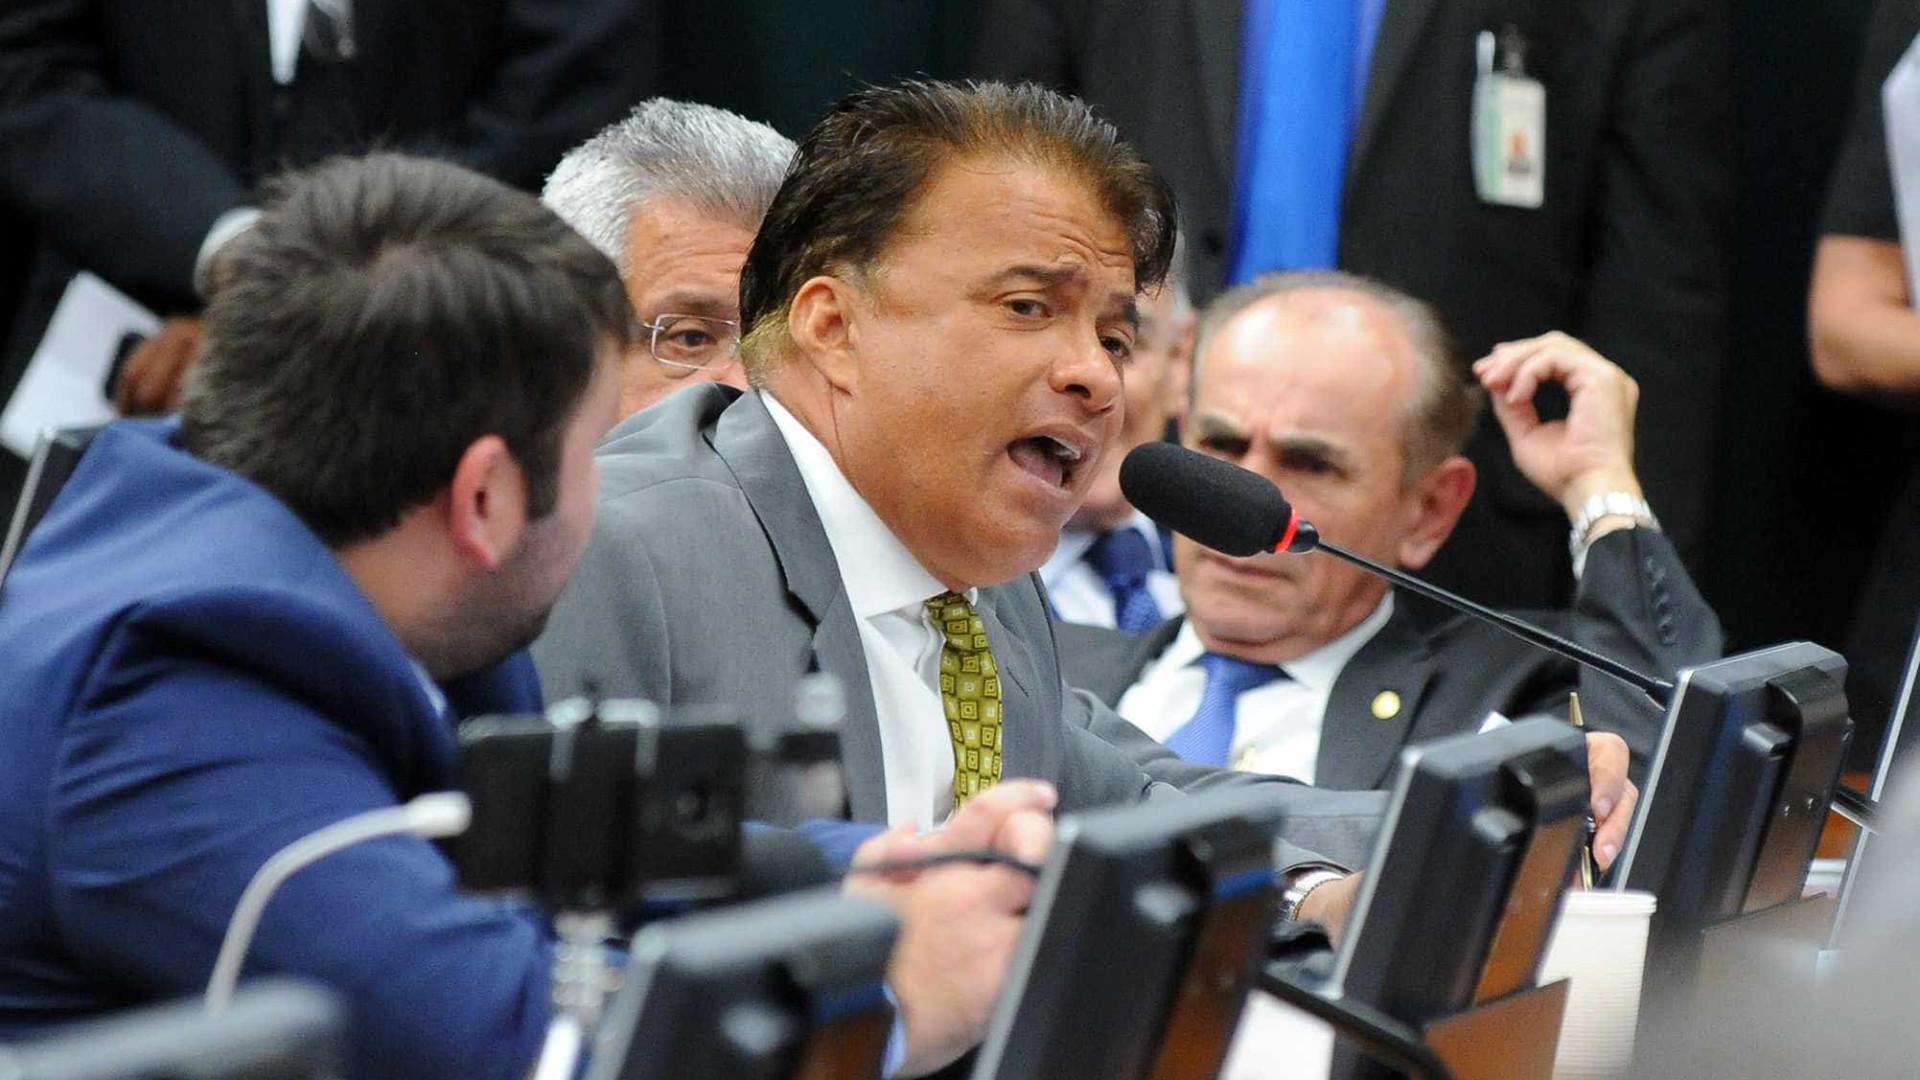 Denúncia contra Temer: confira as frases dos deputados